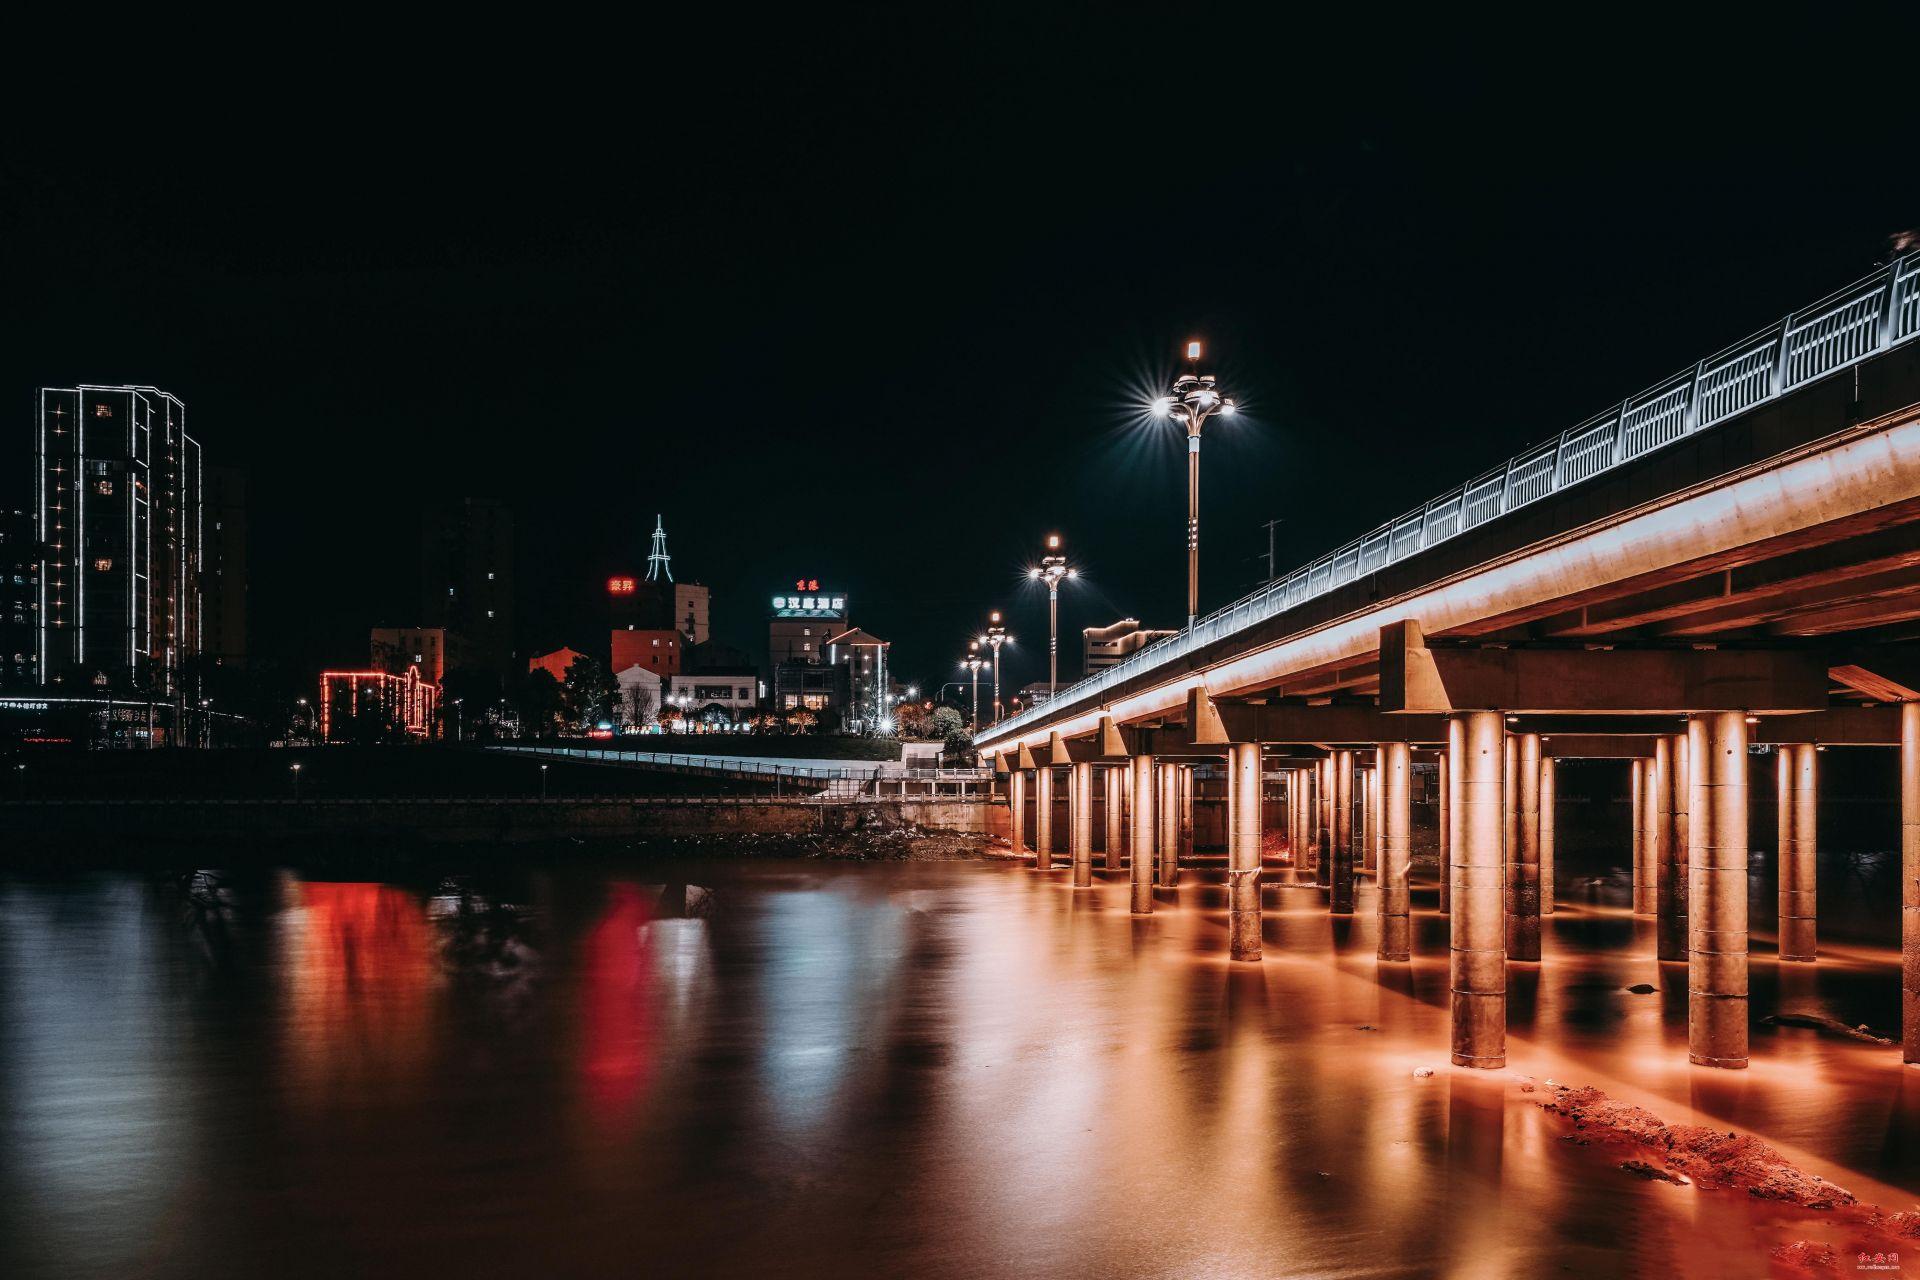 夜色中的二橋